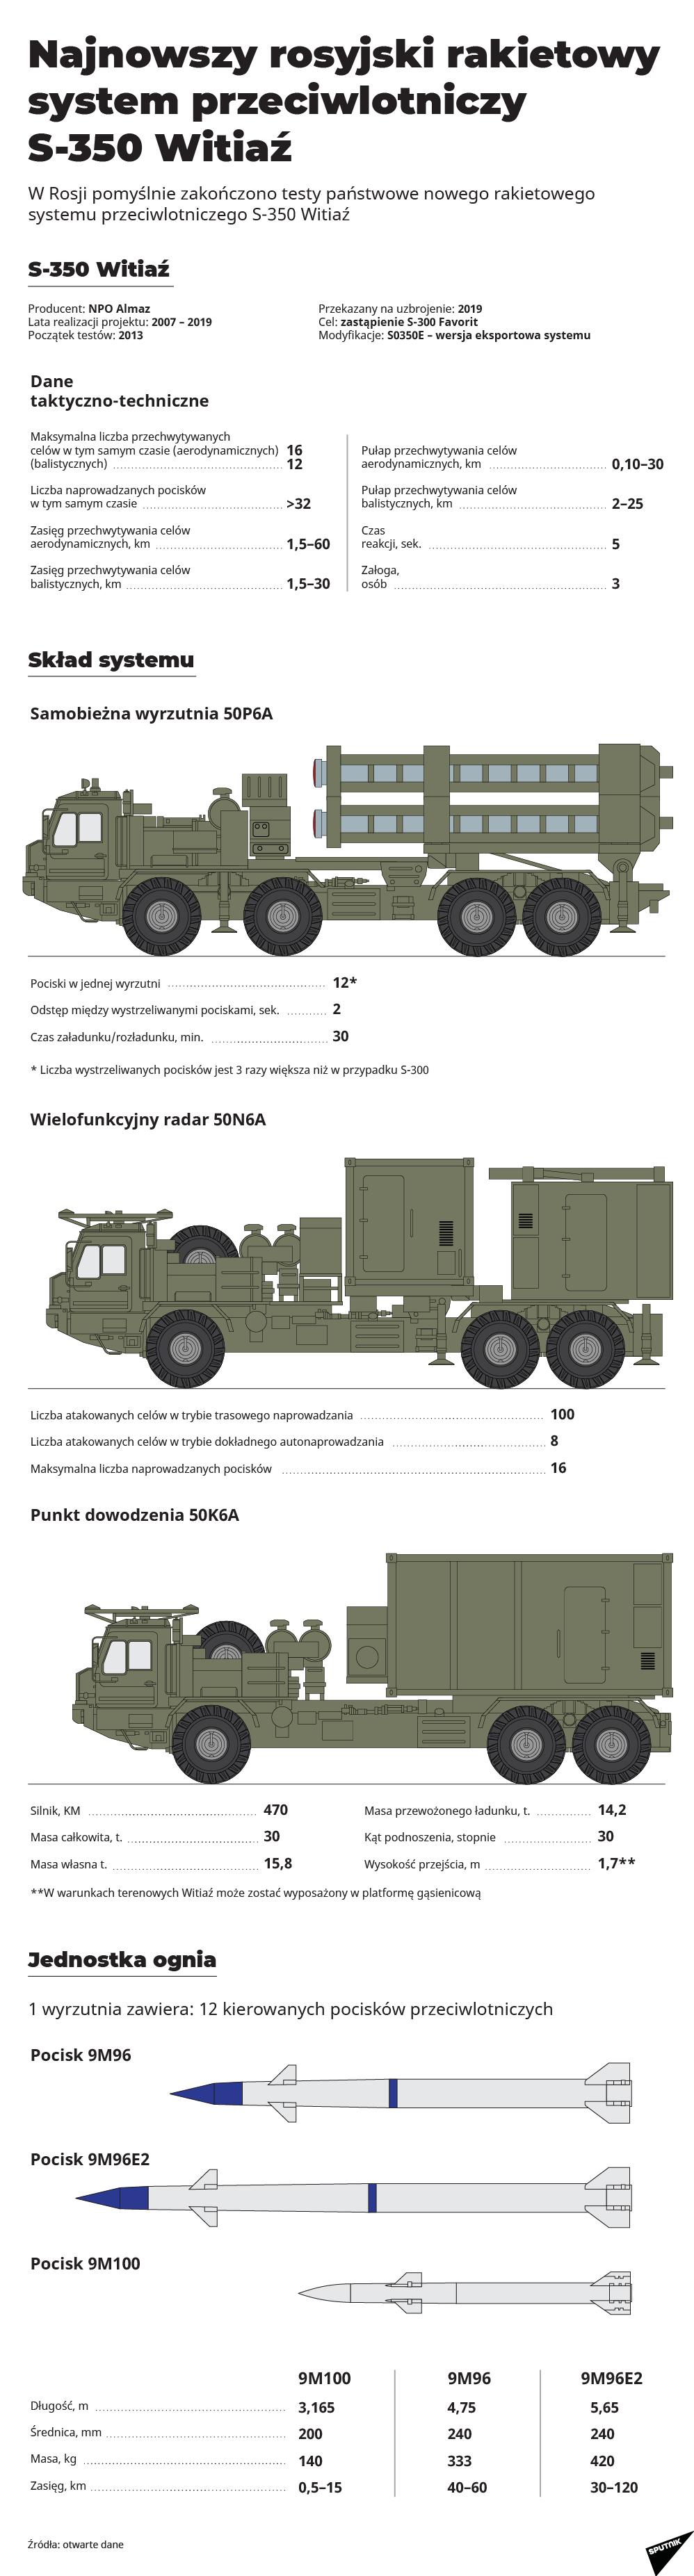 Najnowszy rosyjski rakietowy system przeciwlotniczy S-350 Witiaź